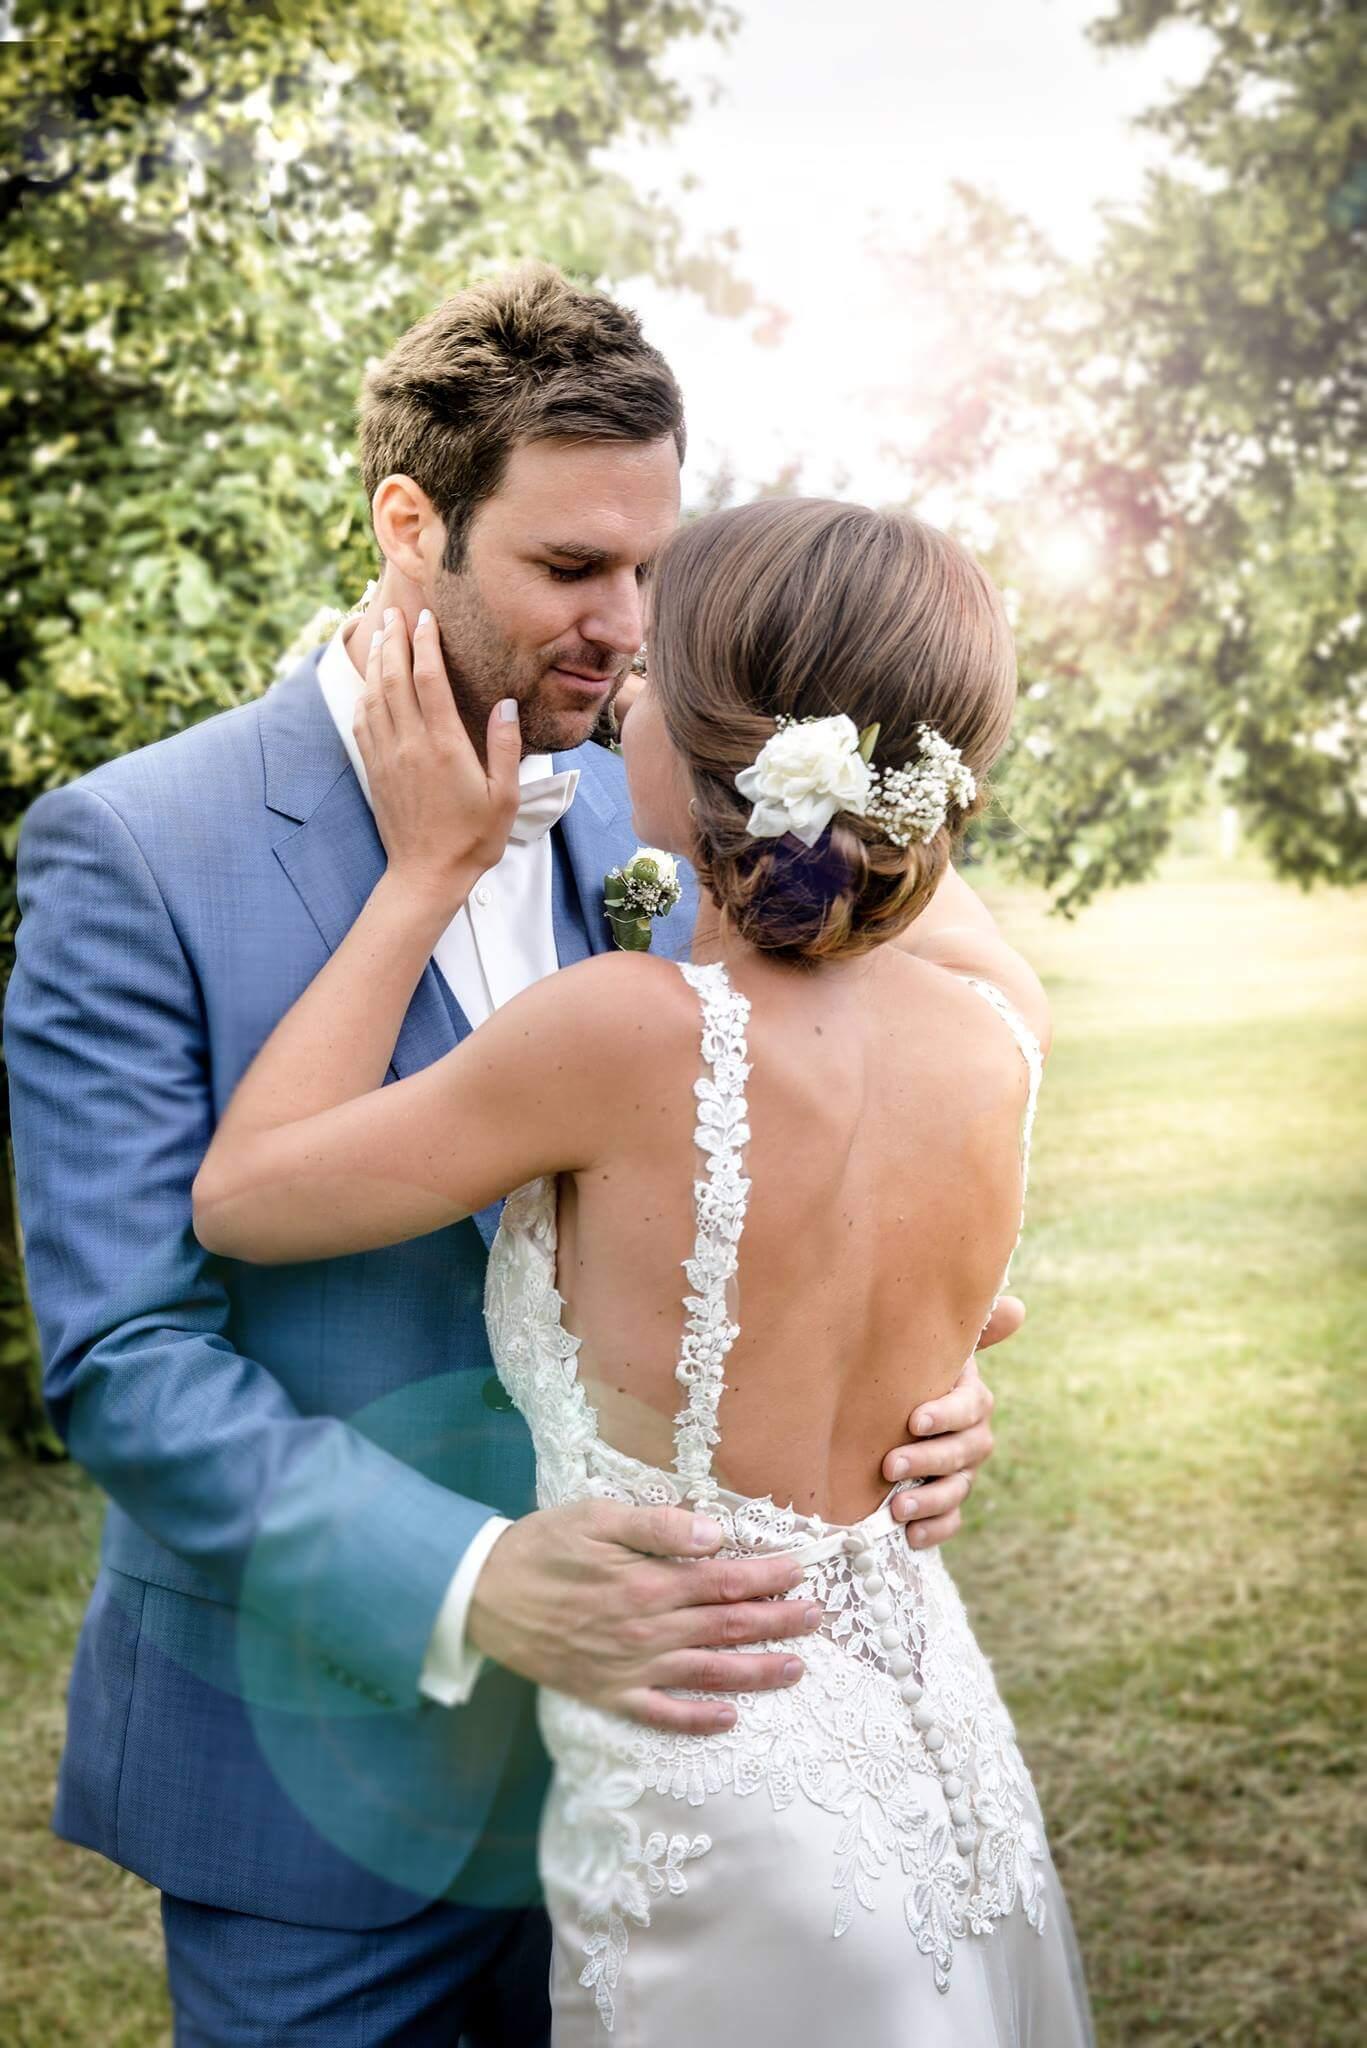 11 Tipps für tolle Hochzeitsfotos  Marry & You